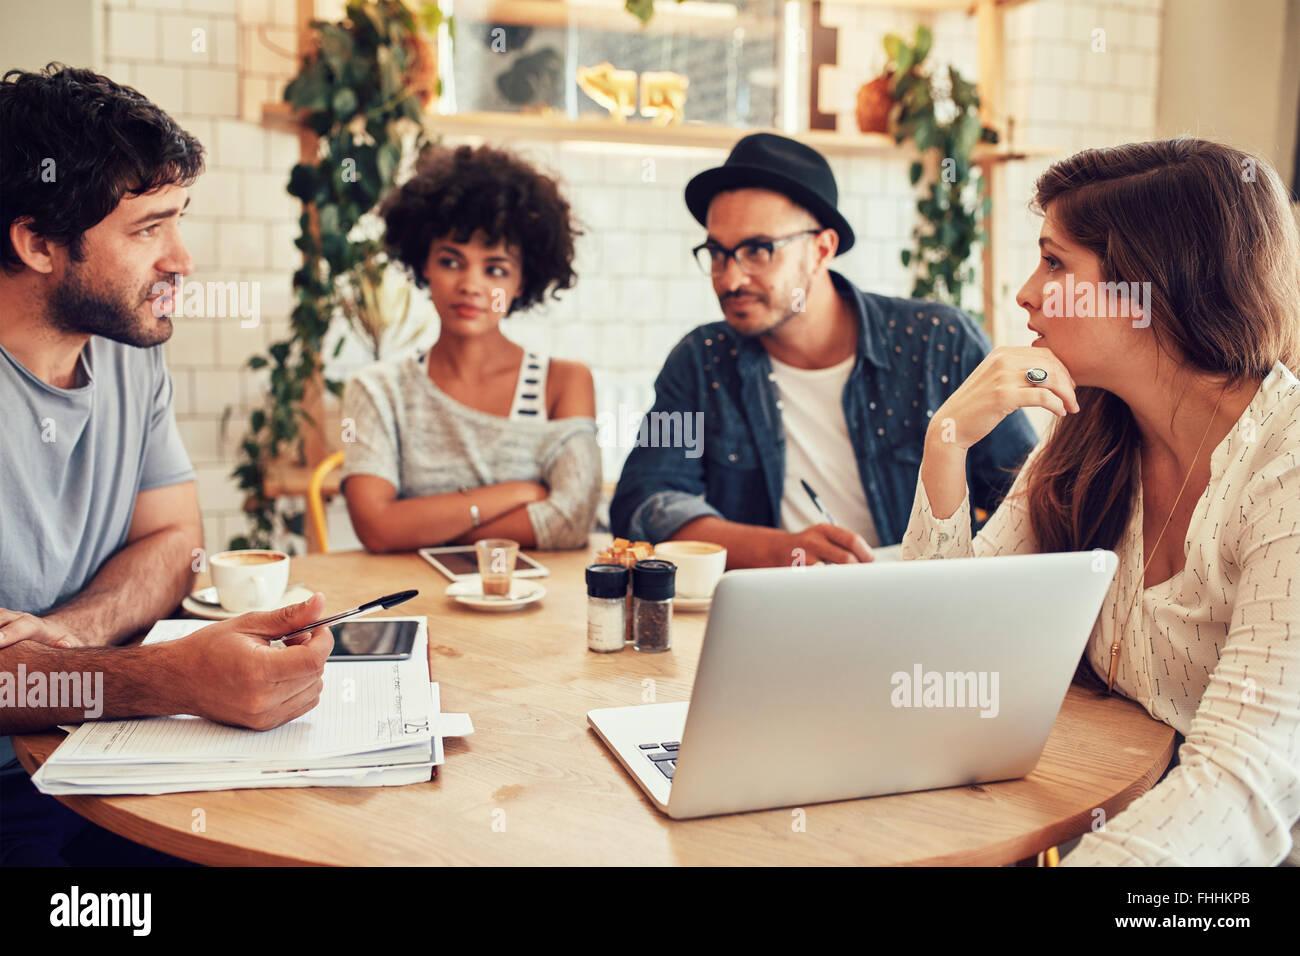 Retrato de jóvenes sentados en la cafetería con un portátil. Reunión del equipo creativo en Imagen De Stock